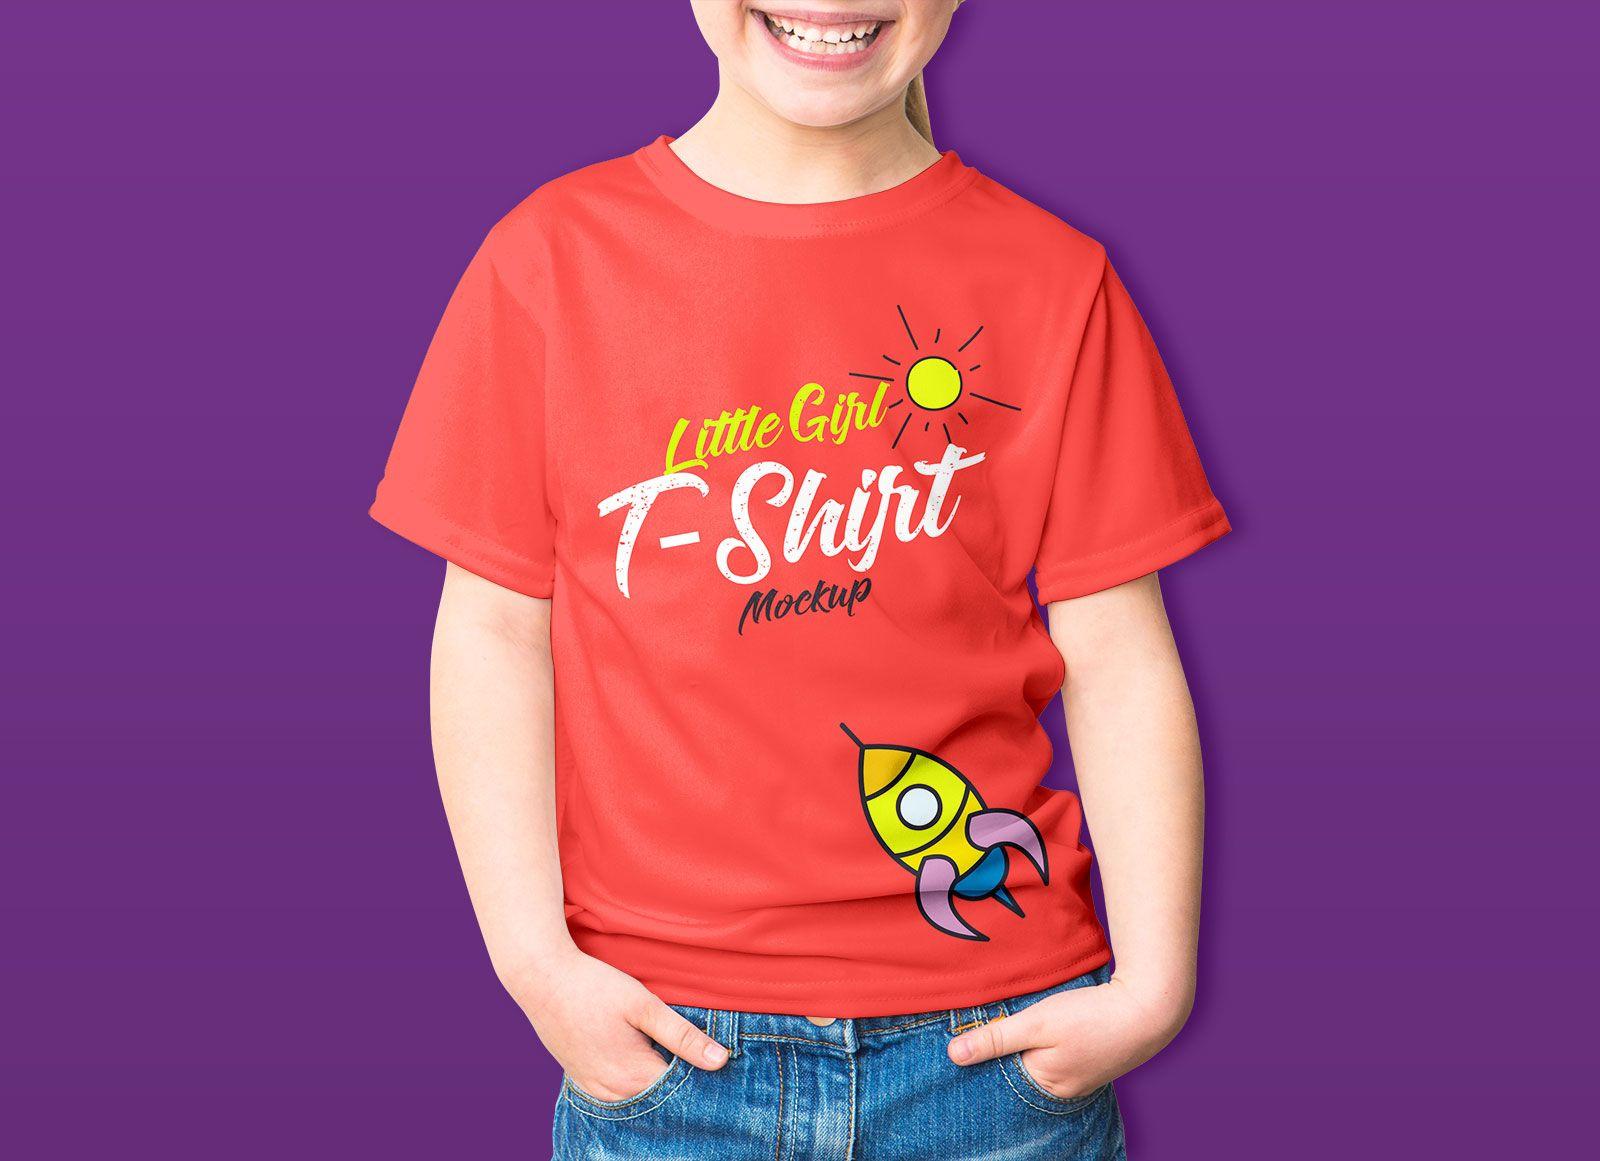 Free Young Kid T Shirt Mockup Psd